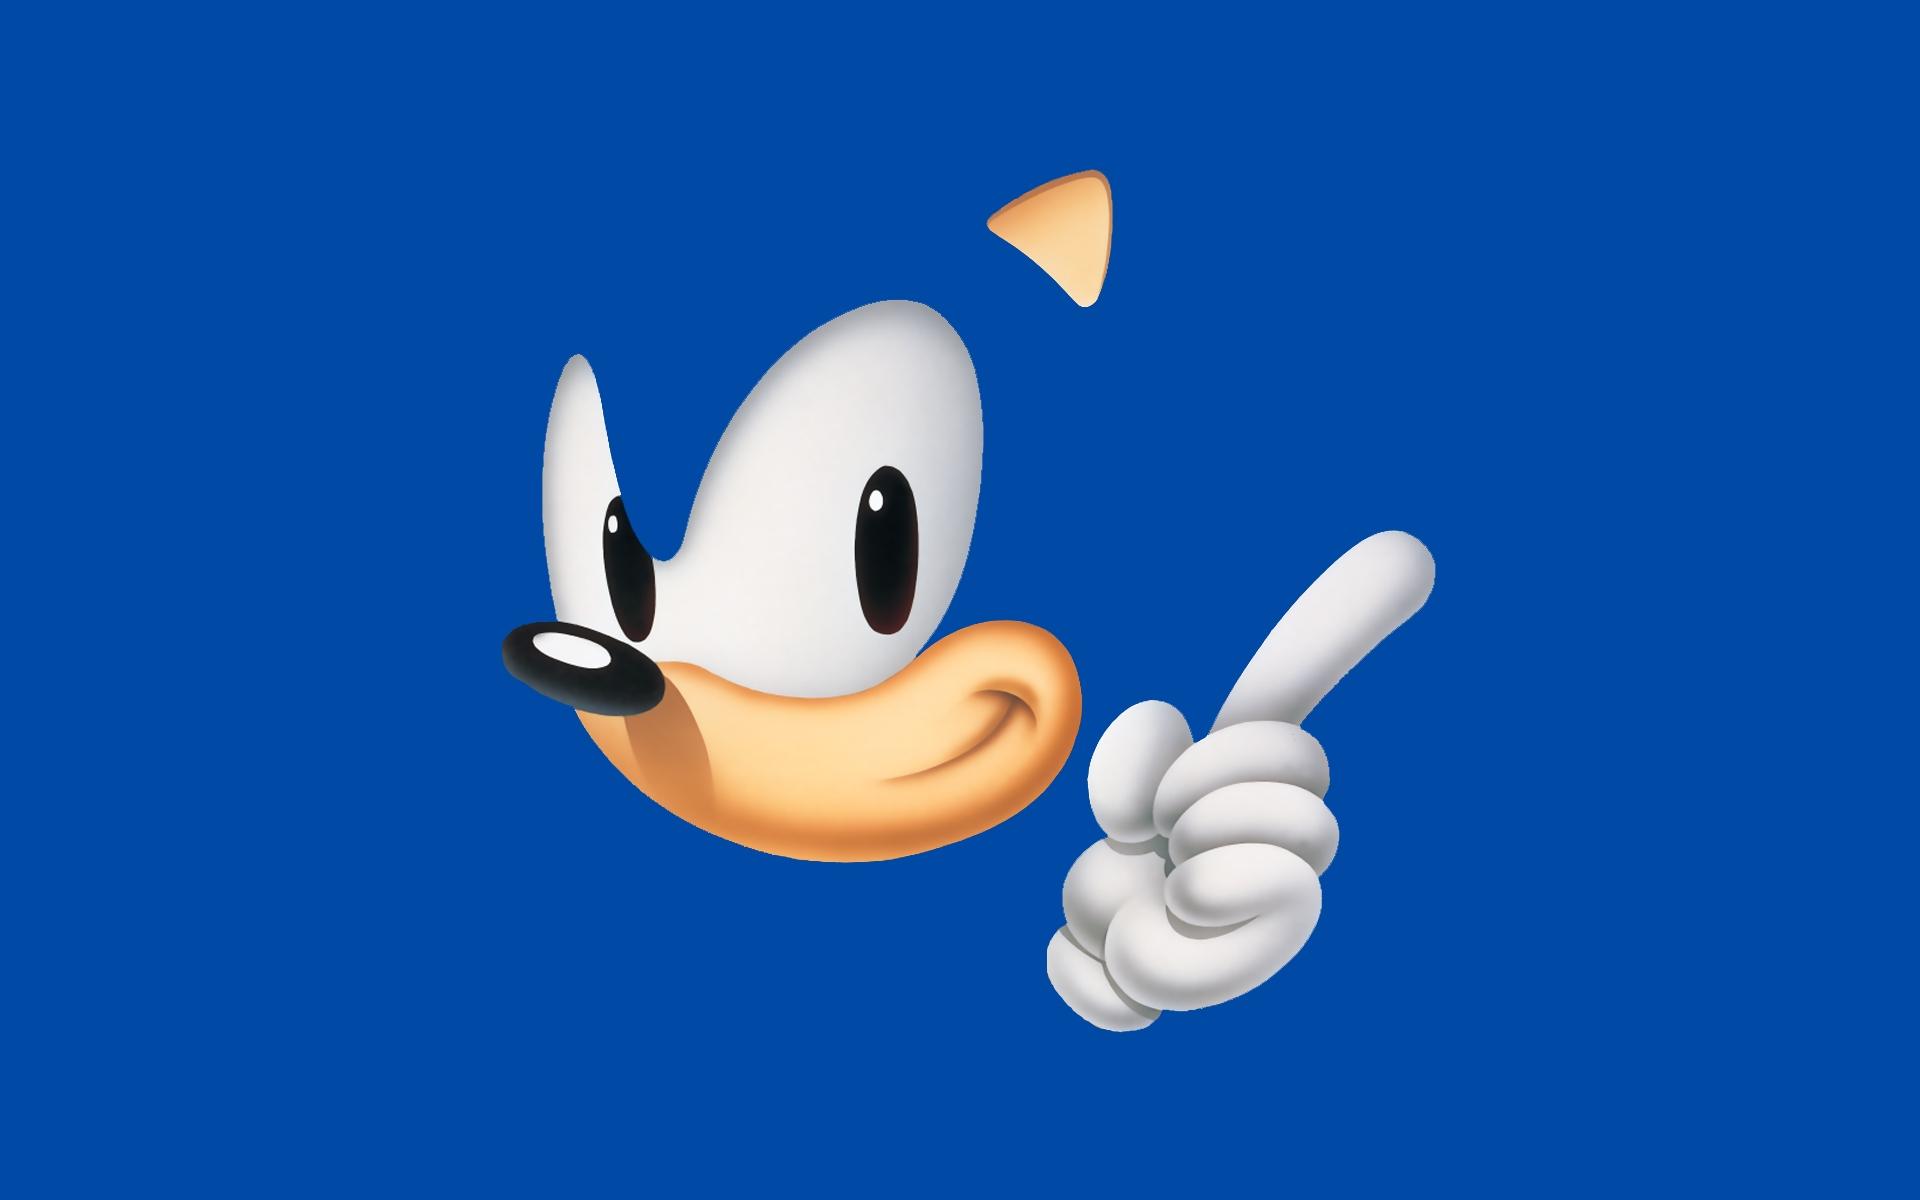 Sonic el erizo - 1920x1200